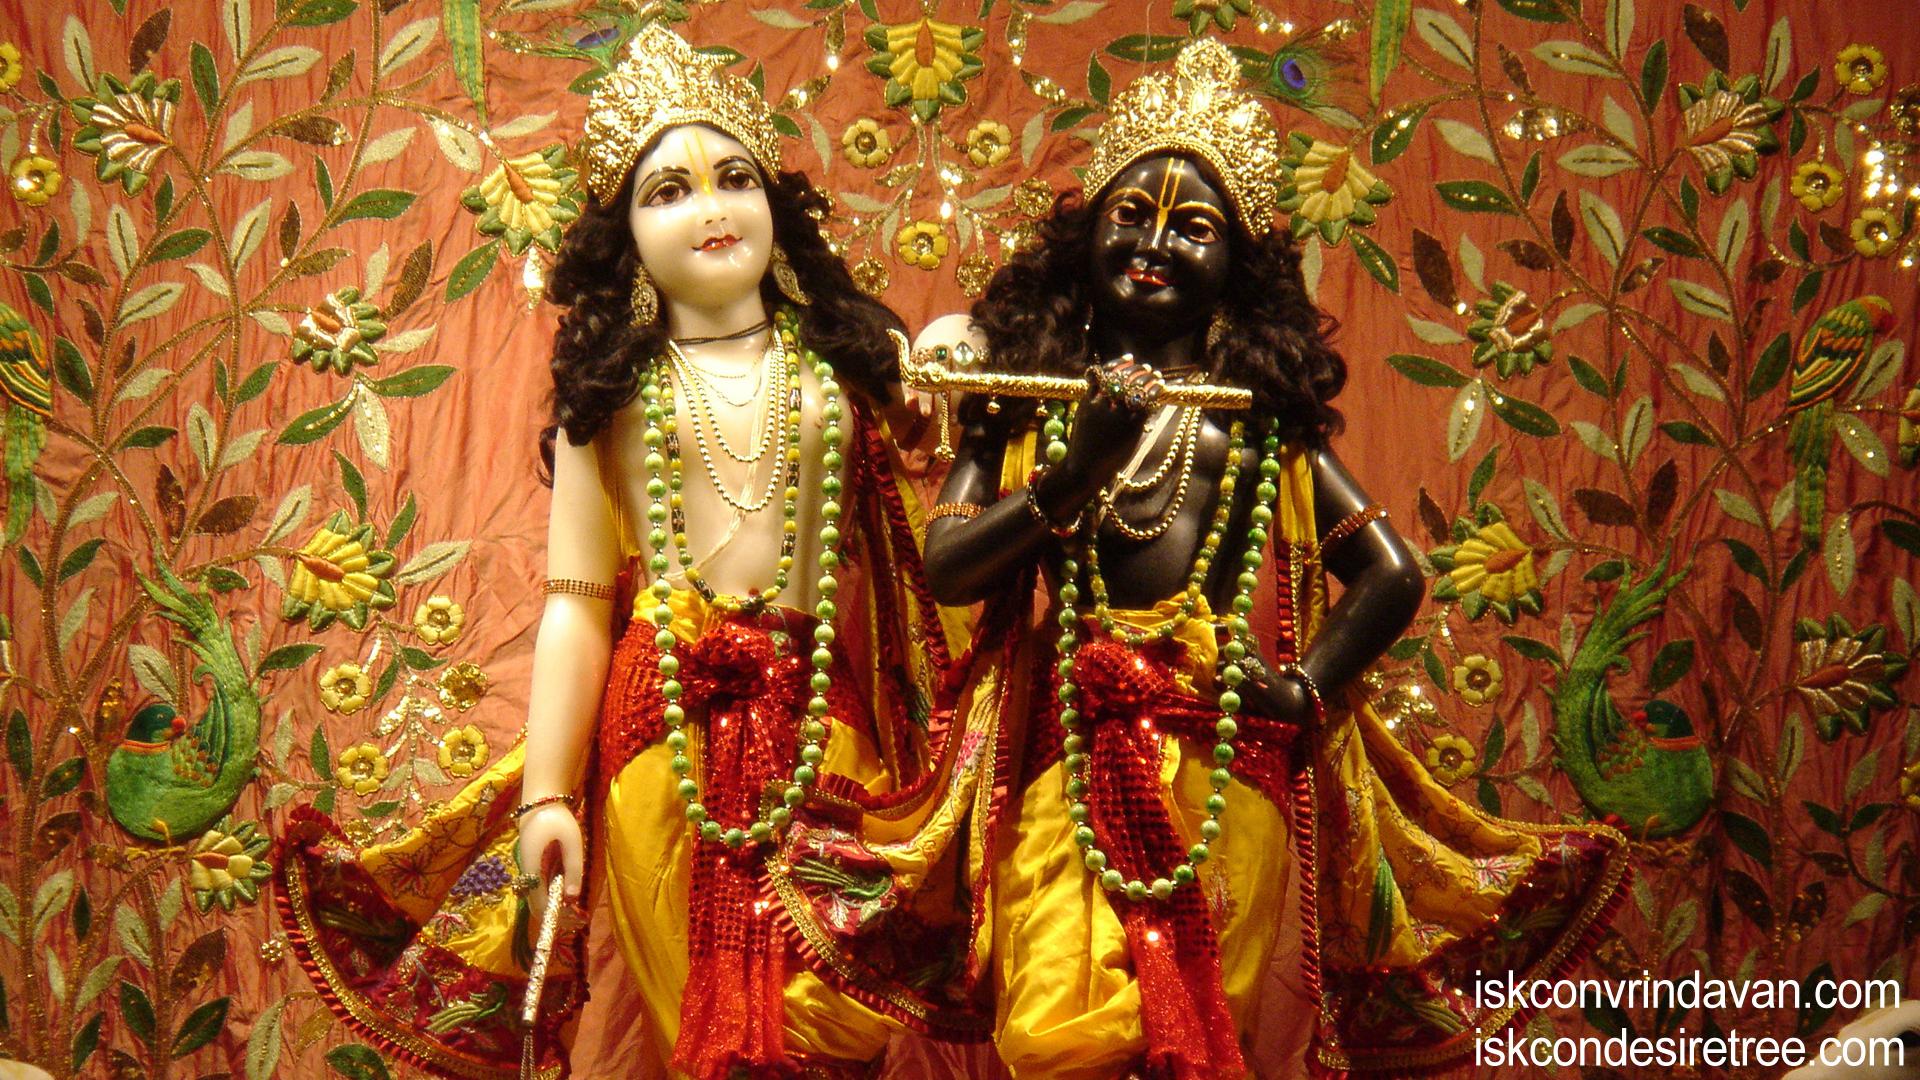 Sri Sri Krishna Balaram Wallpaper (085) Size 1920x1080 Download